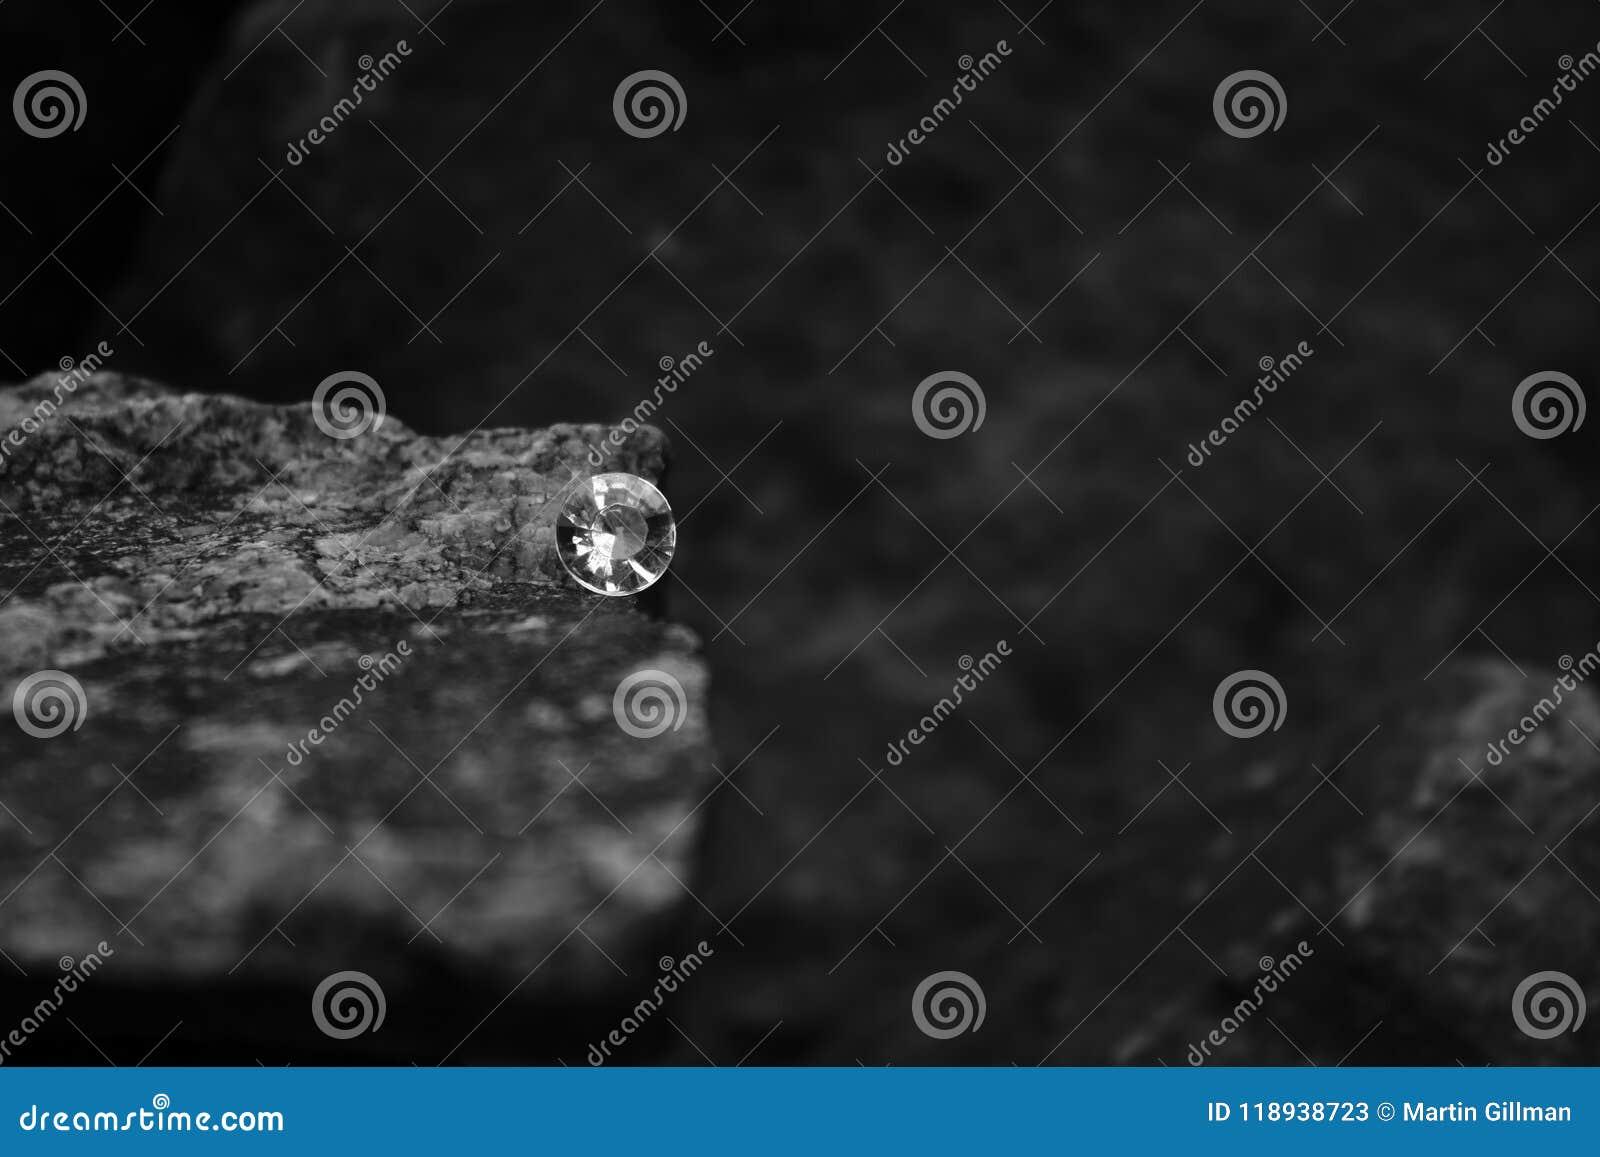 Een Close-upbeeld van Één enkel Diamond Showing de Facetten van de Gem op een Rots